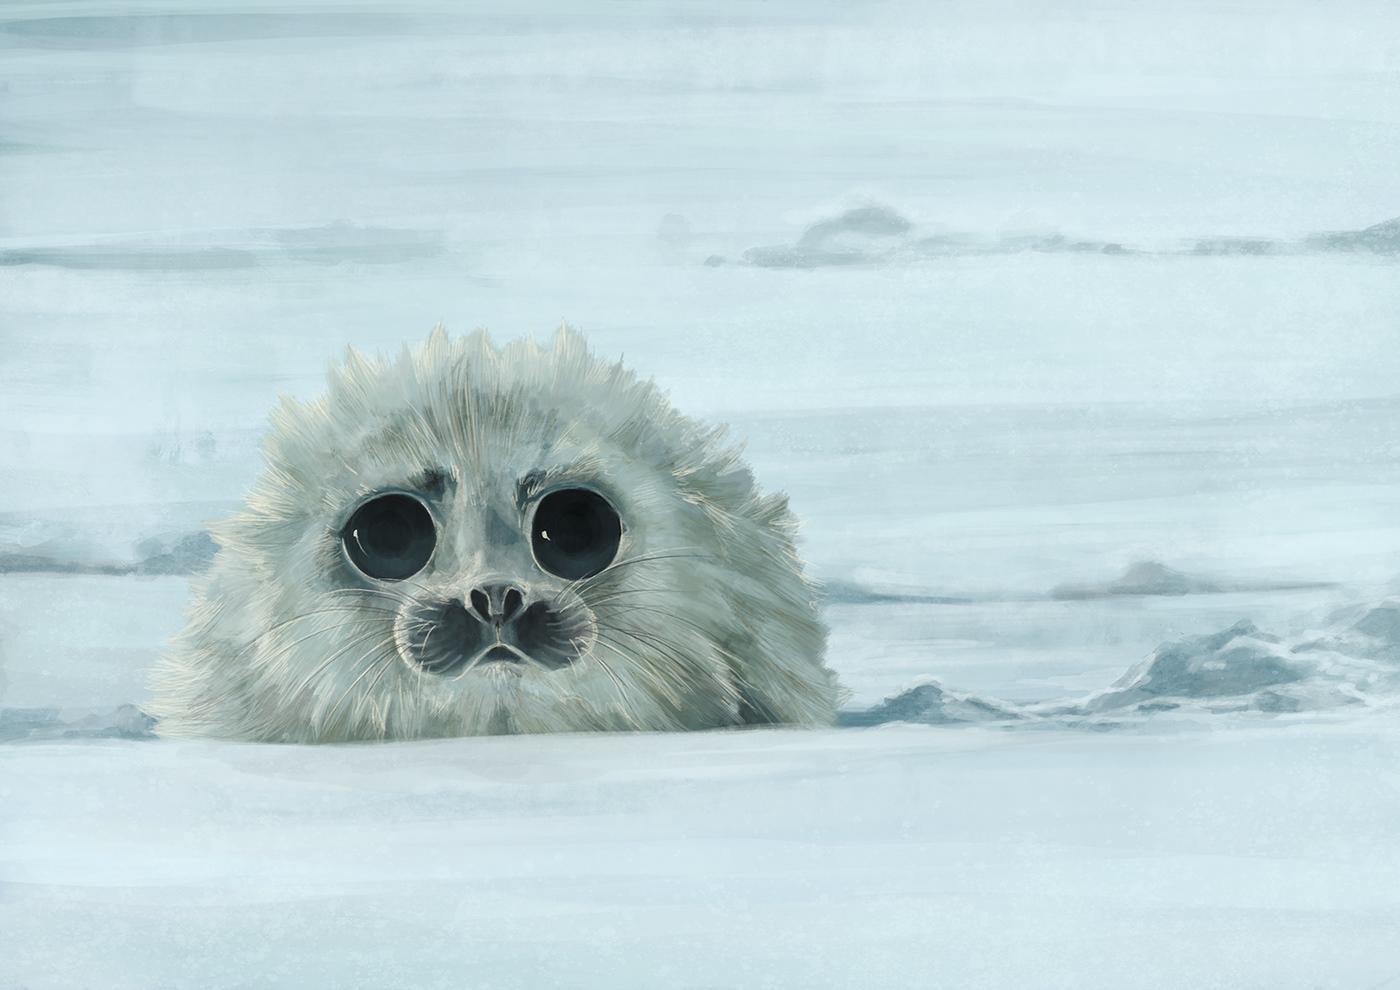 Arctic creature cute pup sad seal snow wildlife